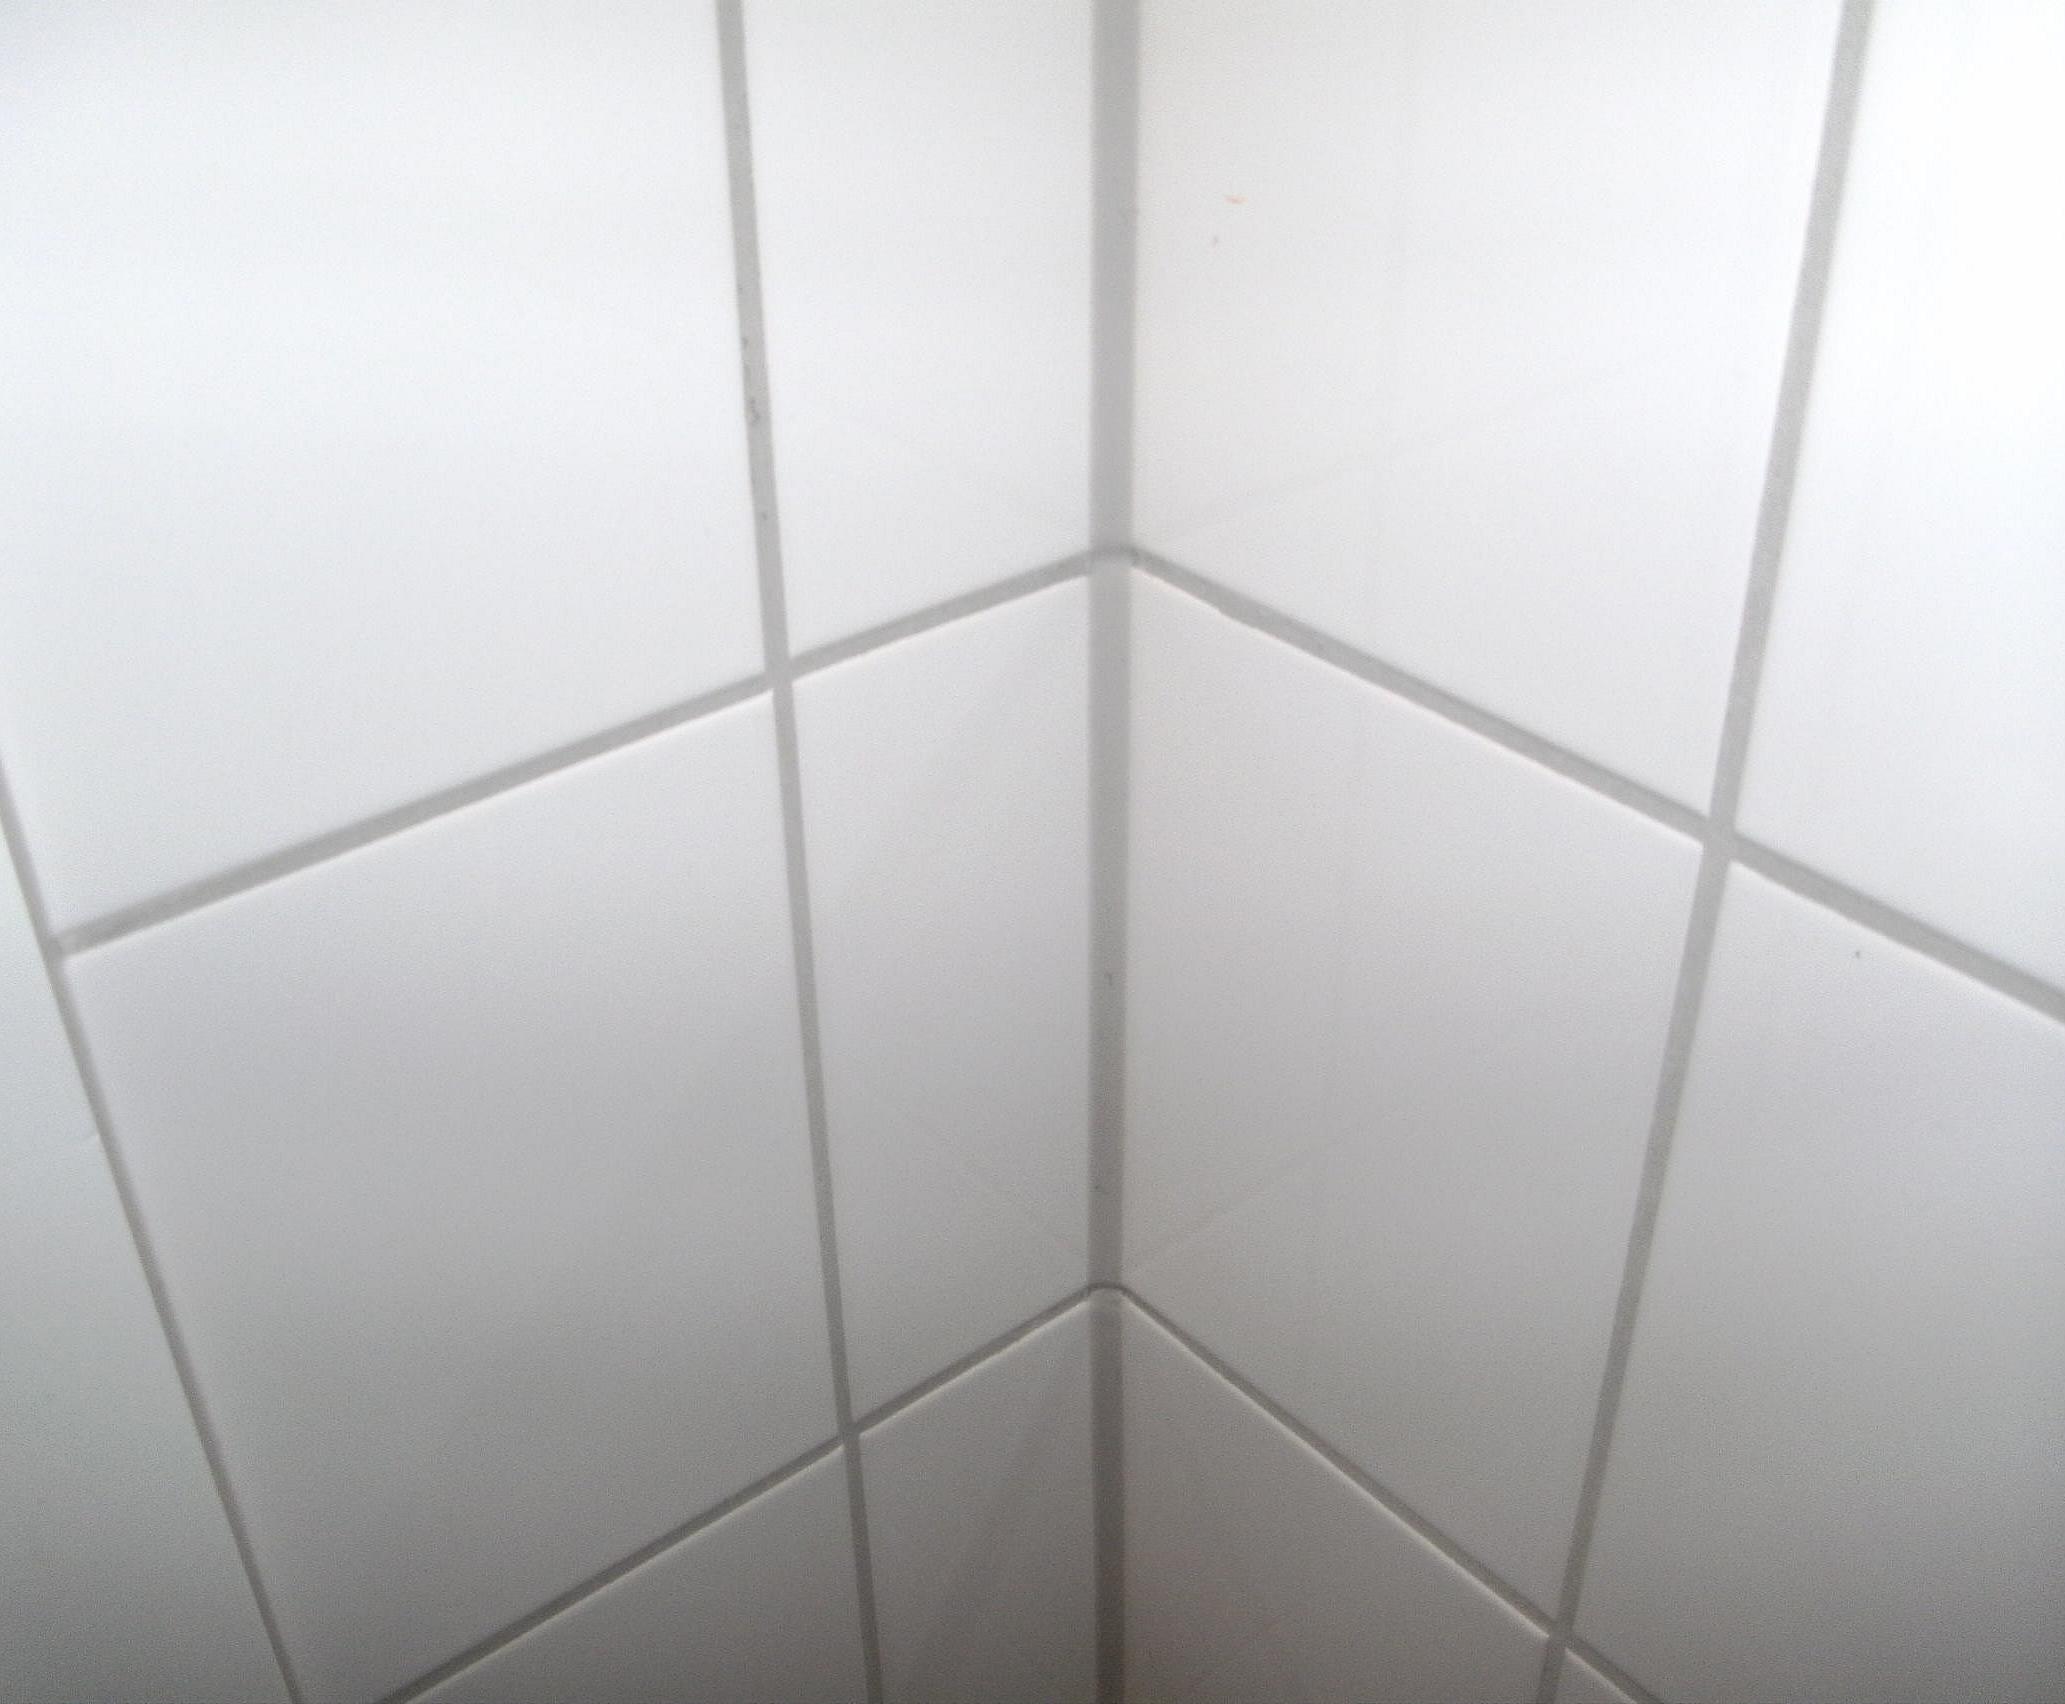 anteil silikonfuge in einer stunde schaffen als mieter muss man daher die fugen auch nicht vor dem auszug erneuern selbst verursachte verstopfungen sind - Silikon Dusche Erneuern Mieter